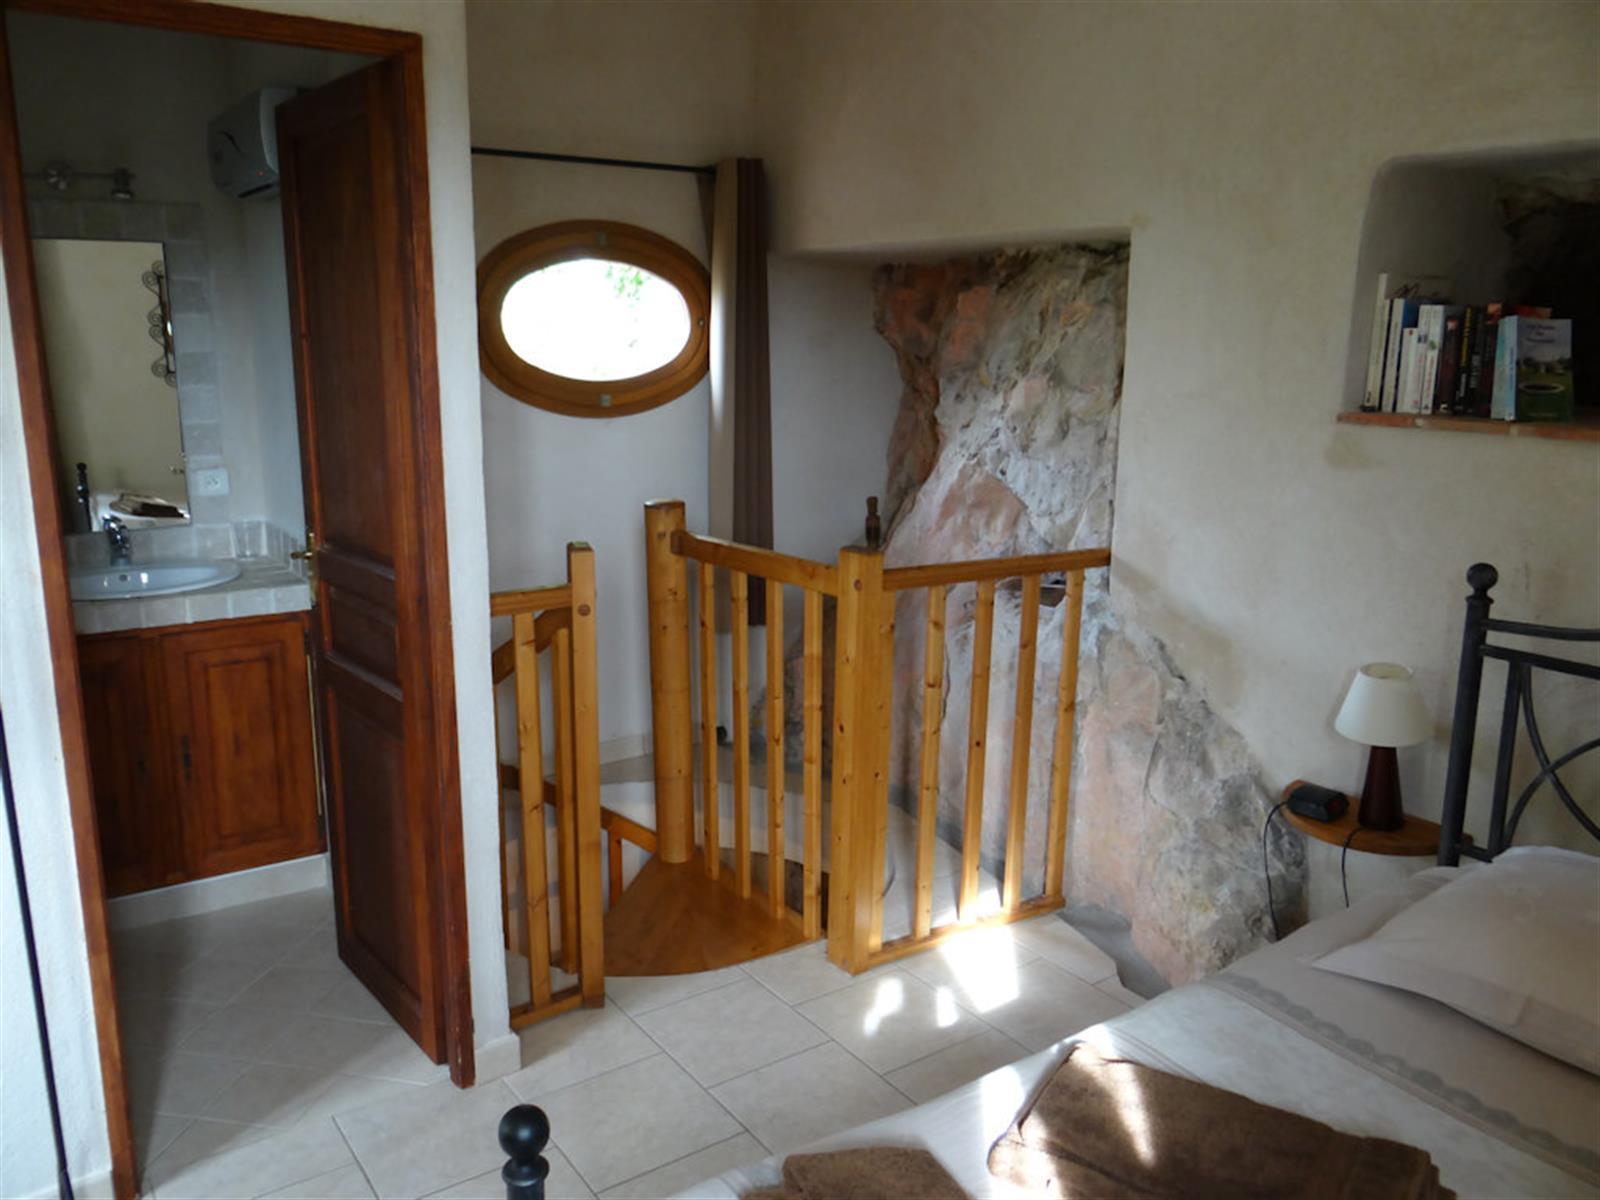 Maison de vacances - St-Cezaire-sur-Siagne (Grotte) - #4281618-4